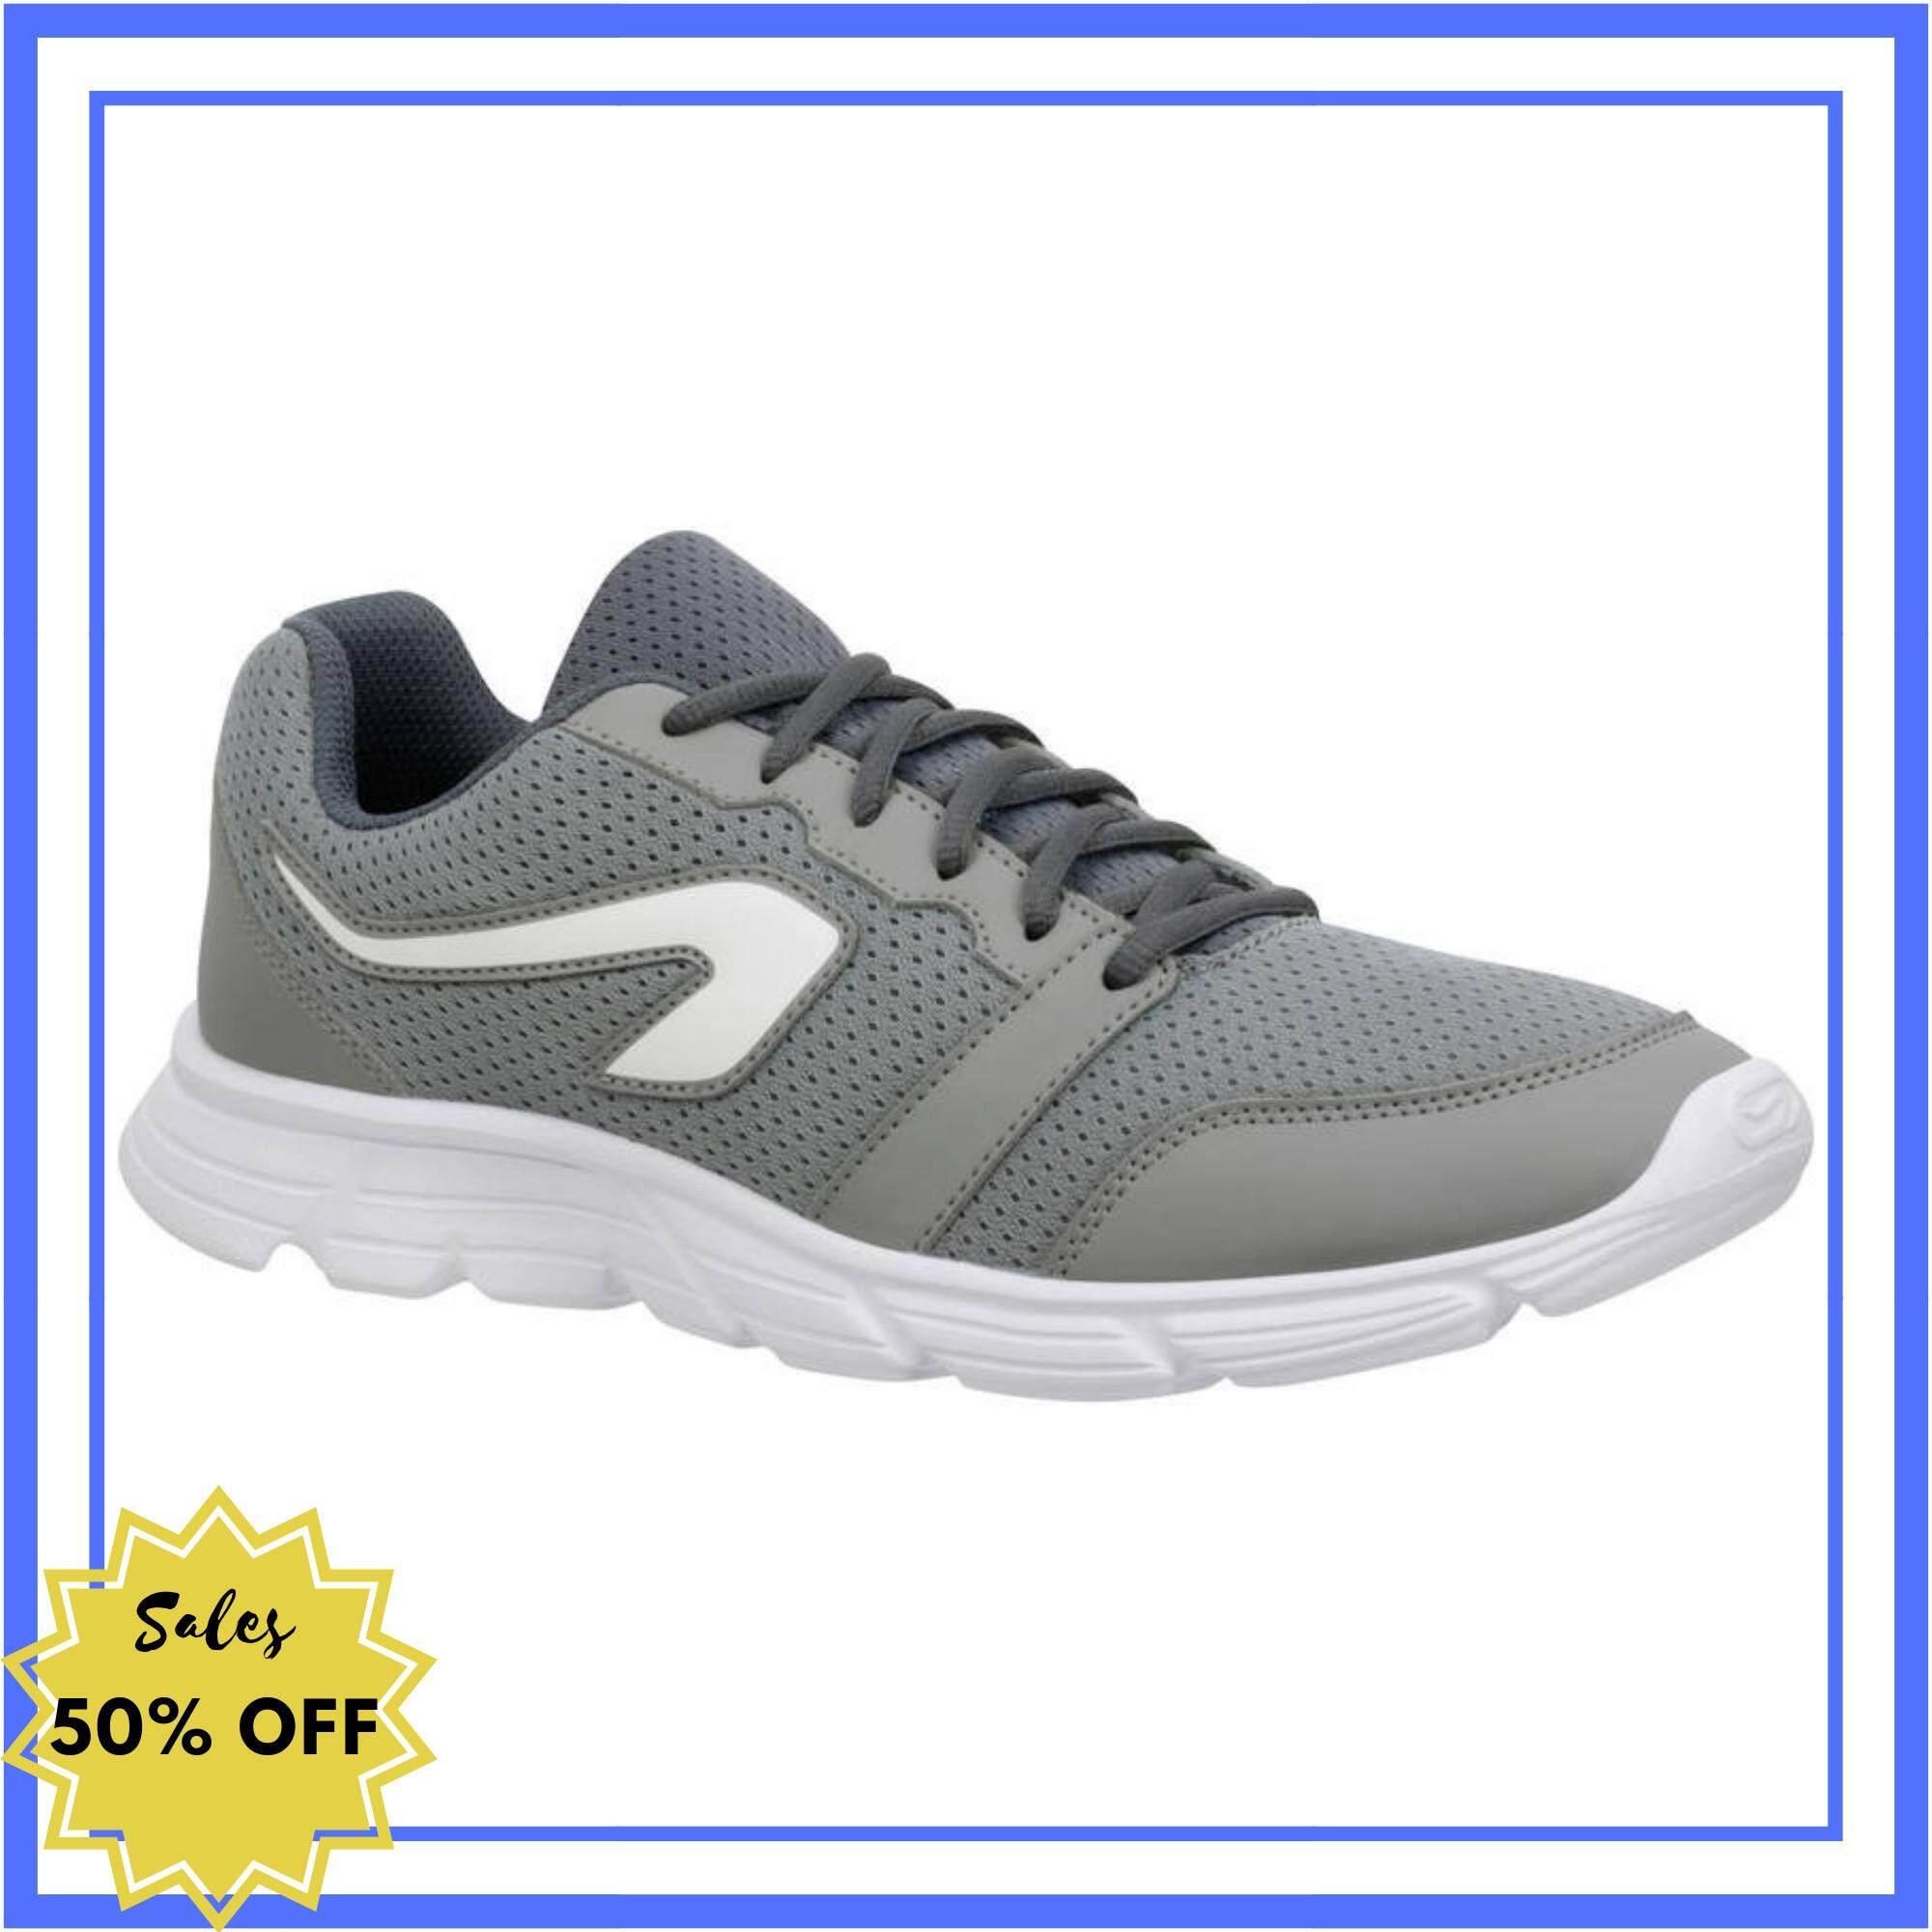 รองเท้าวิ่งสำหรับผู้ชายรุ่น Run One (สีเทา) By Sportswear1.